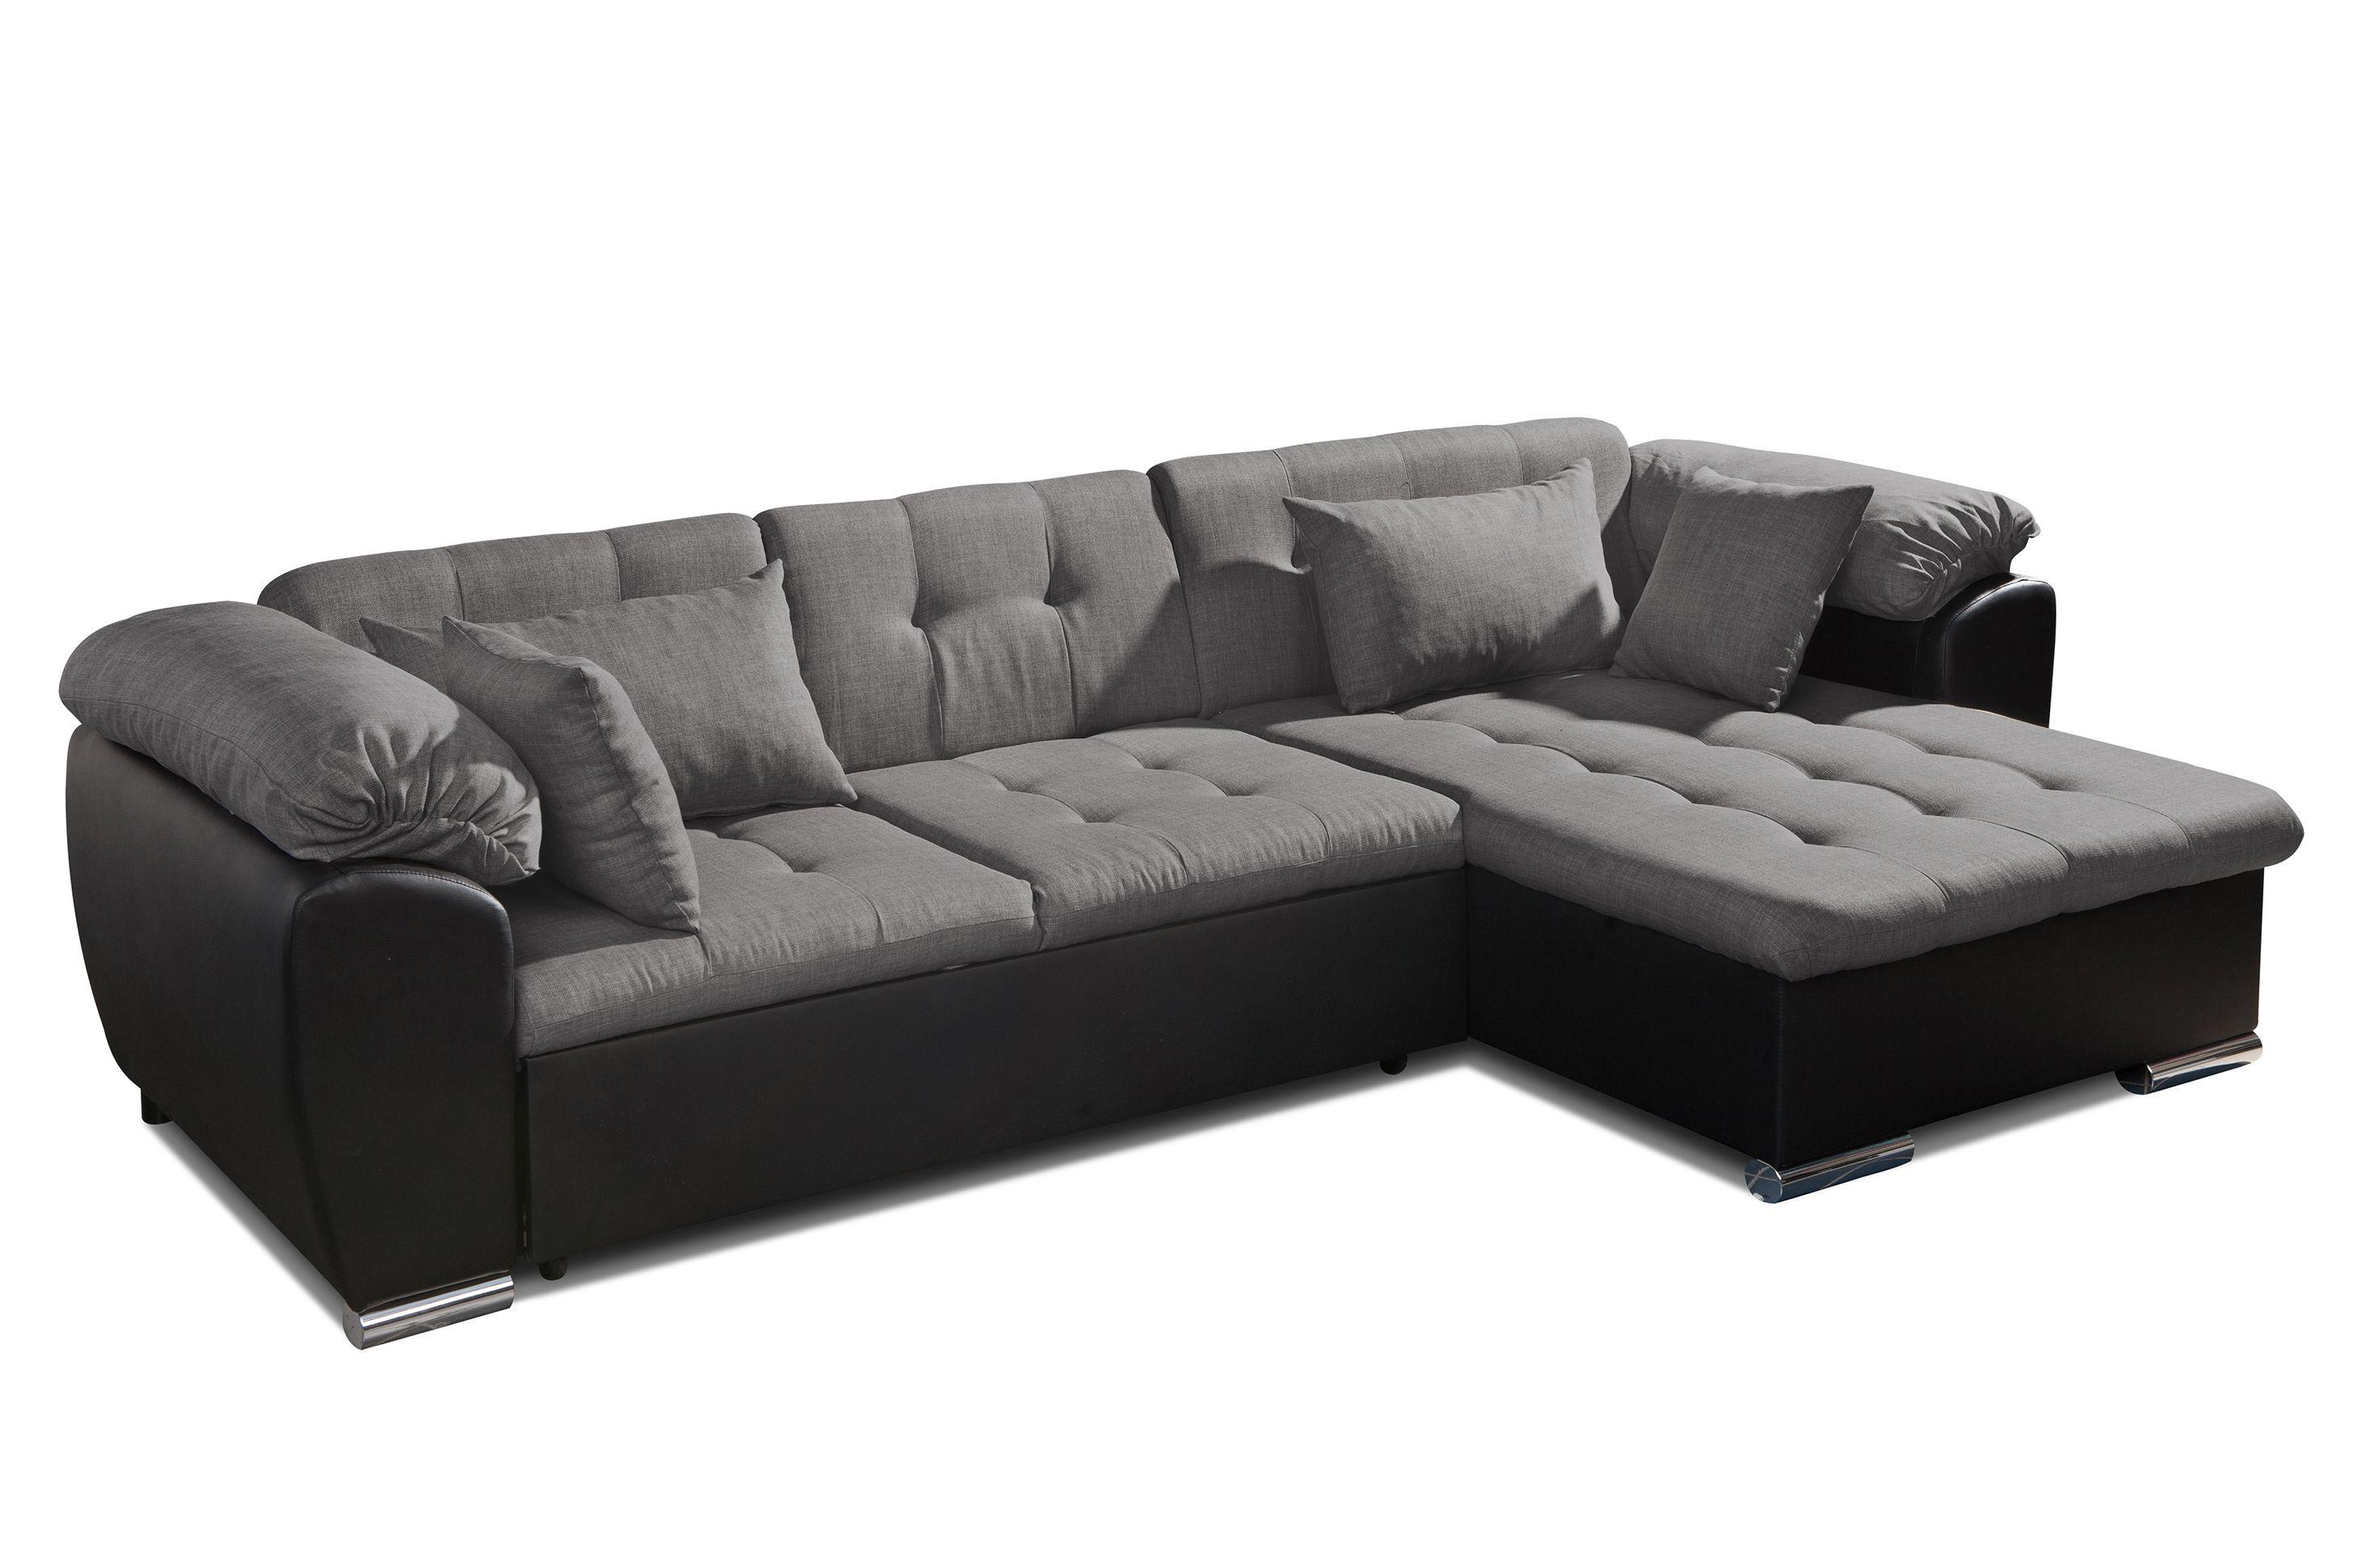 Leather Corner Sofa Beds Uk Surferoaxaca Com Http Bit Ly 2sbxhg2 Corner Sofa Bed Uk 2 Seater Corner Sofa Leather Corner Sofa